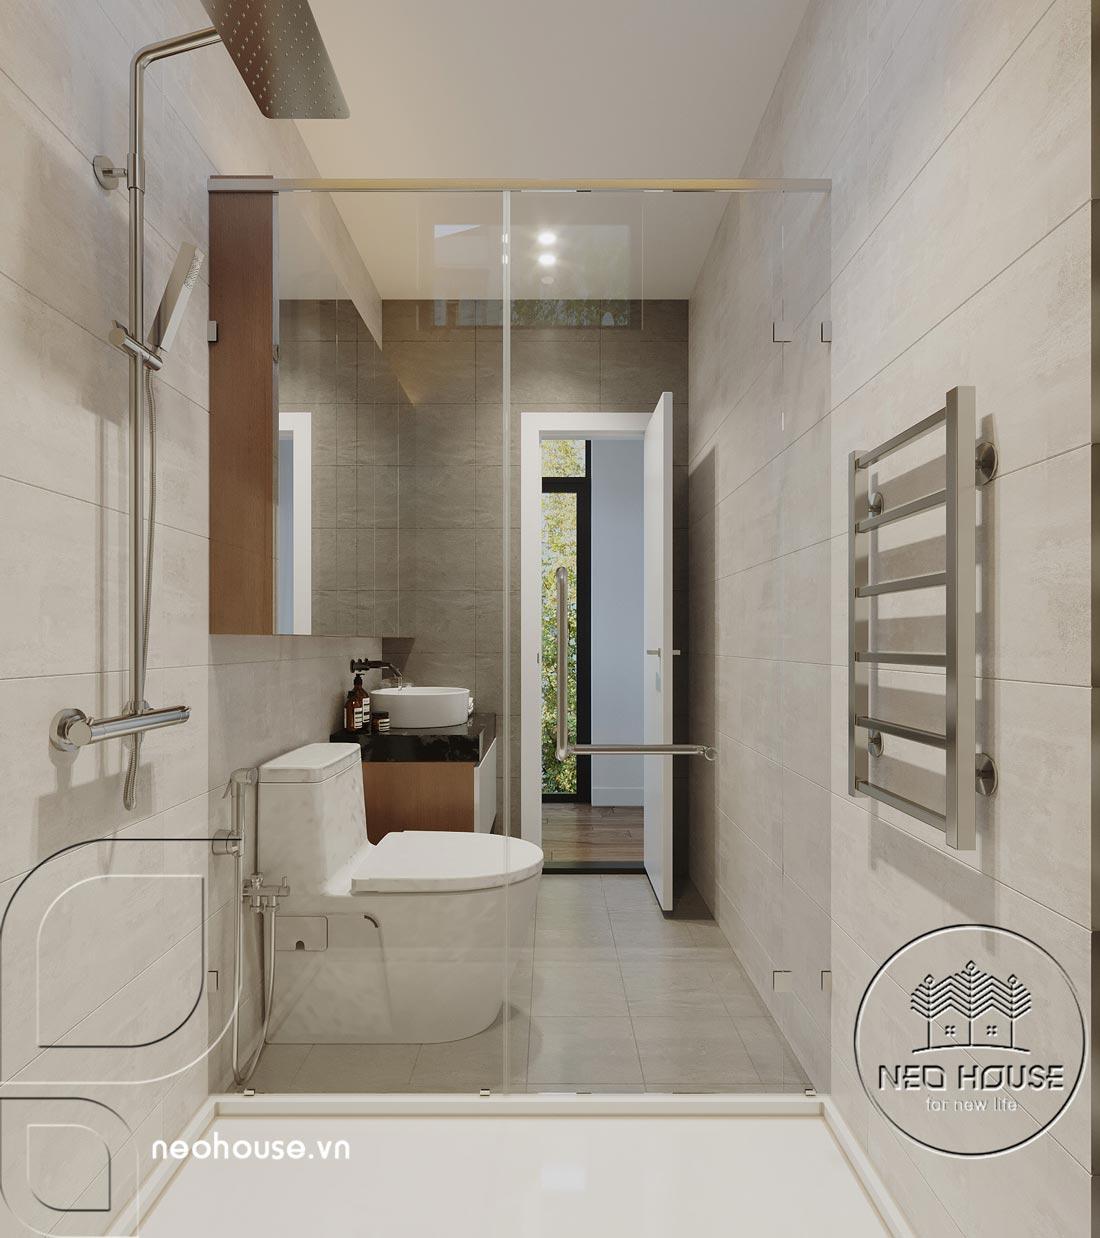 Thiết kế nội thất biệt thự cao cấp 2 tầng. Ảnh 21